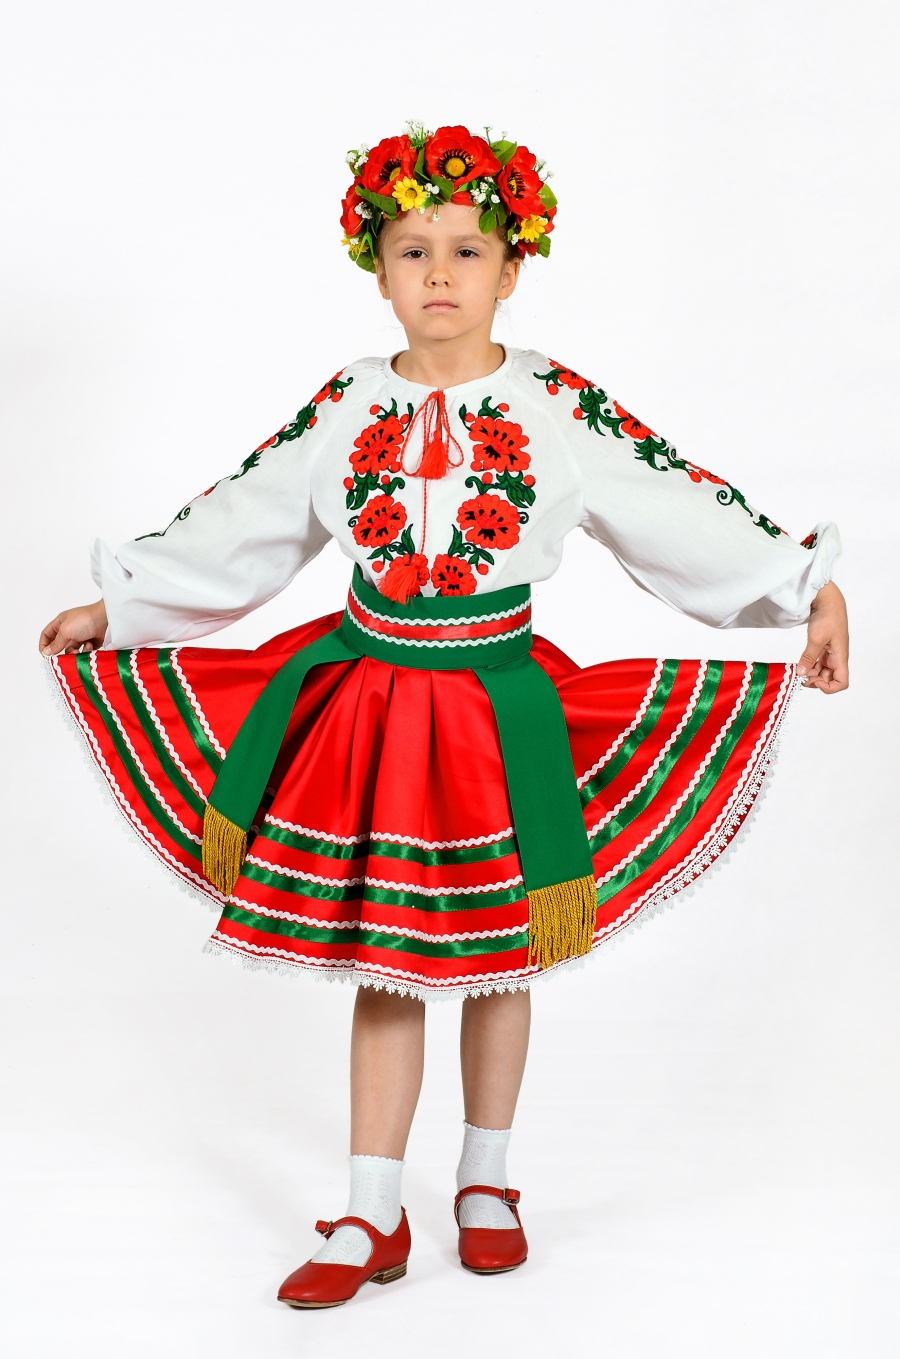 ukrainskie kostyumy ot proizvoditelya ukraina.  ukrainskie kostyumy ot proizvoditelya ukraina 9bbaa9ac5e46f